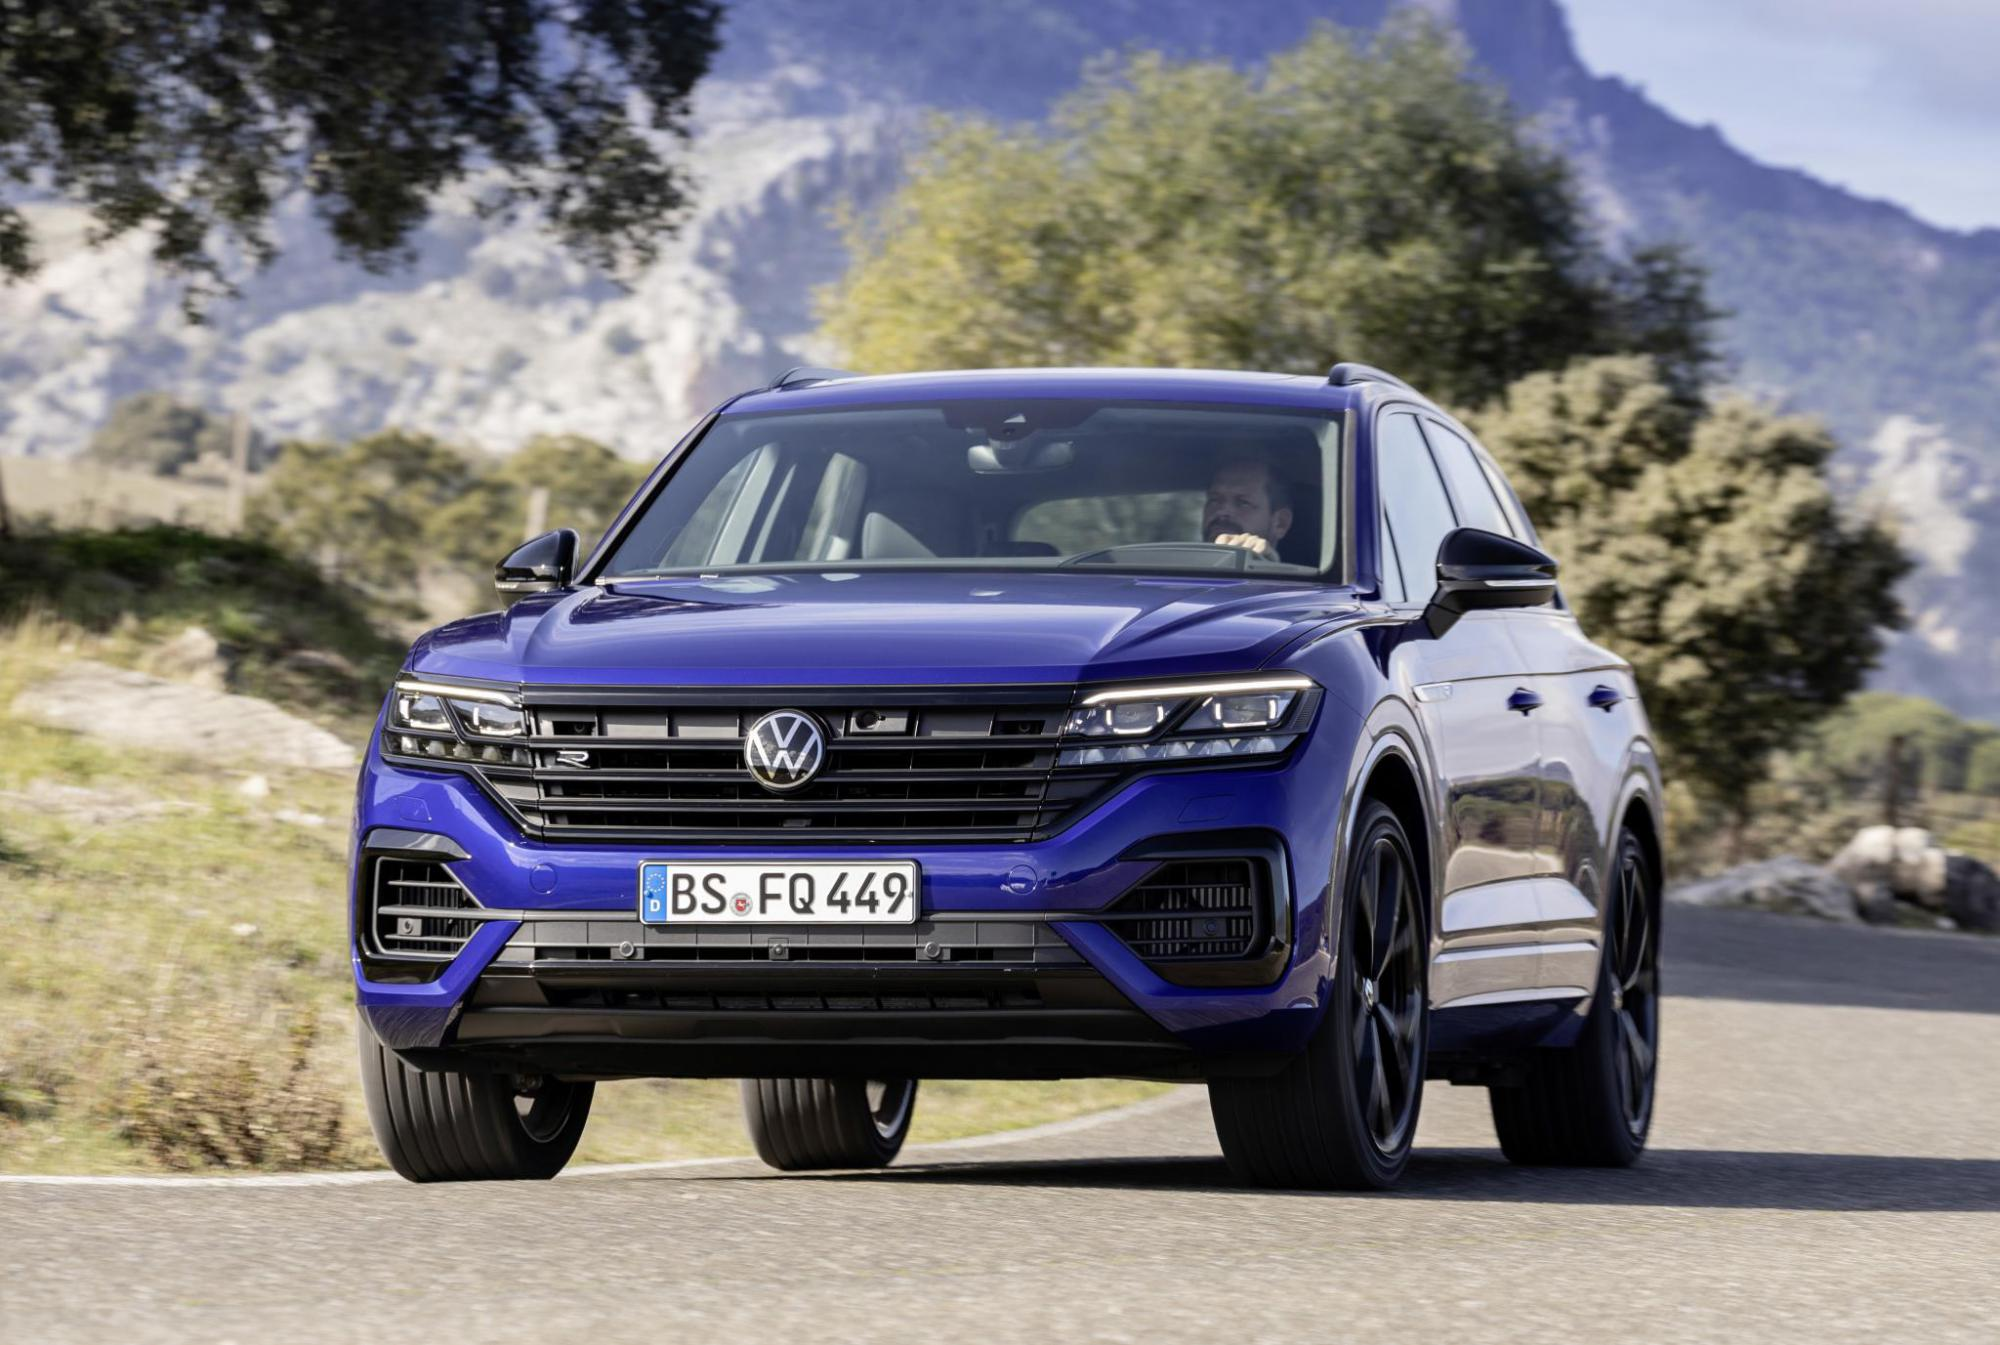 Основные преимущества и цена Volkswagen Touareg в 2021 году